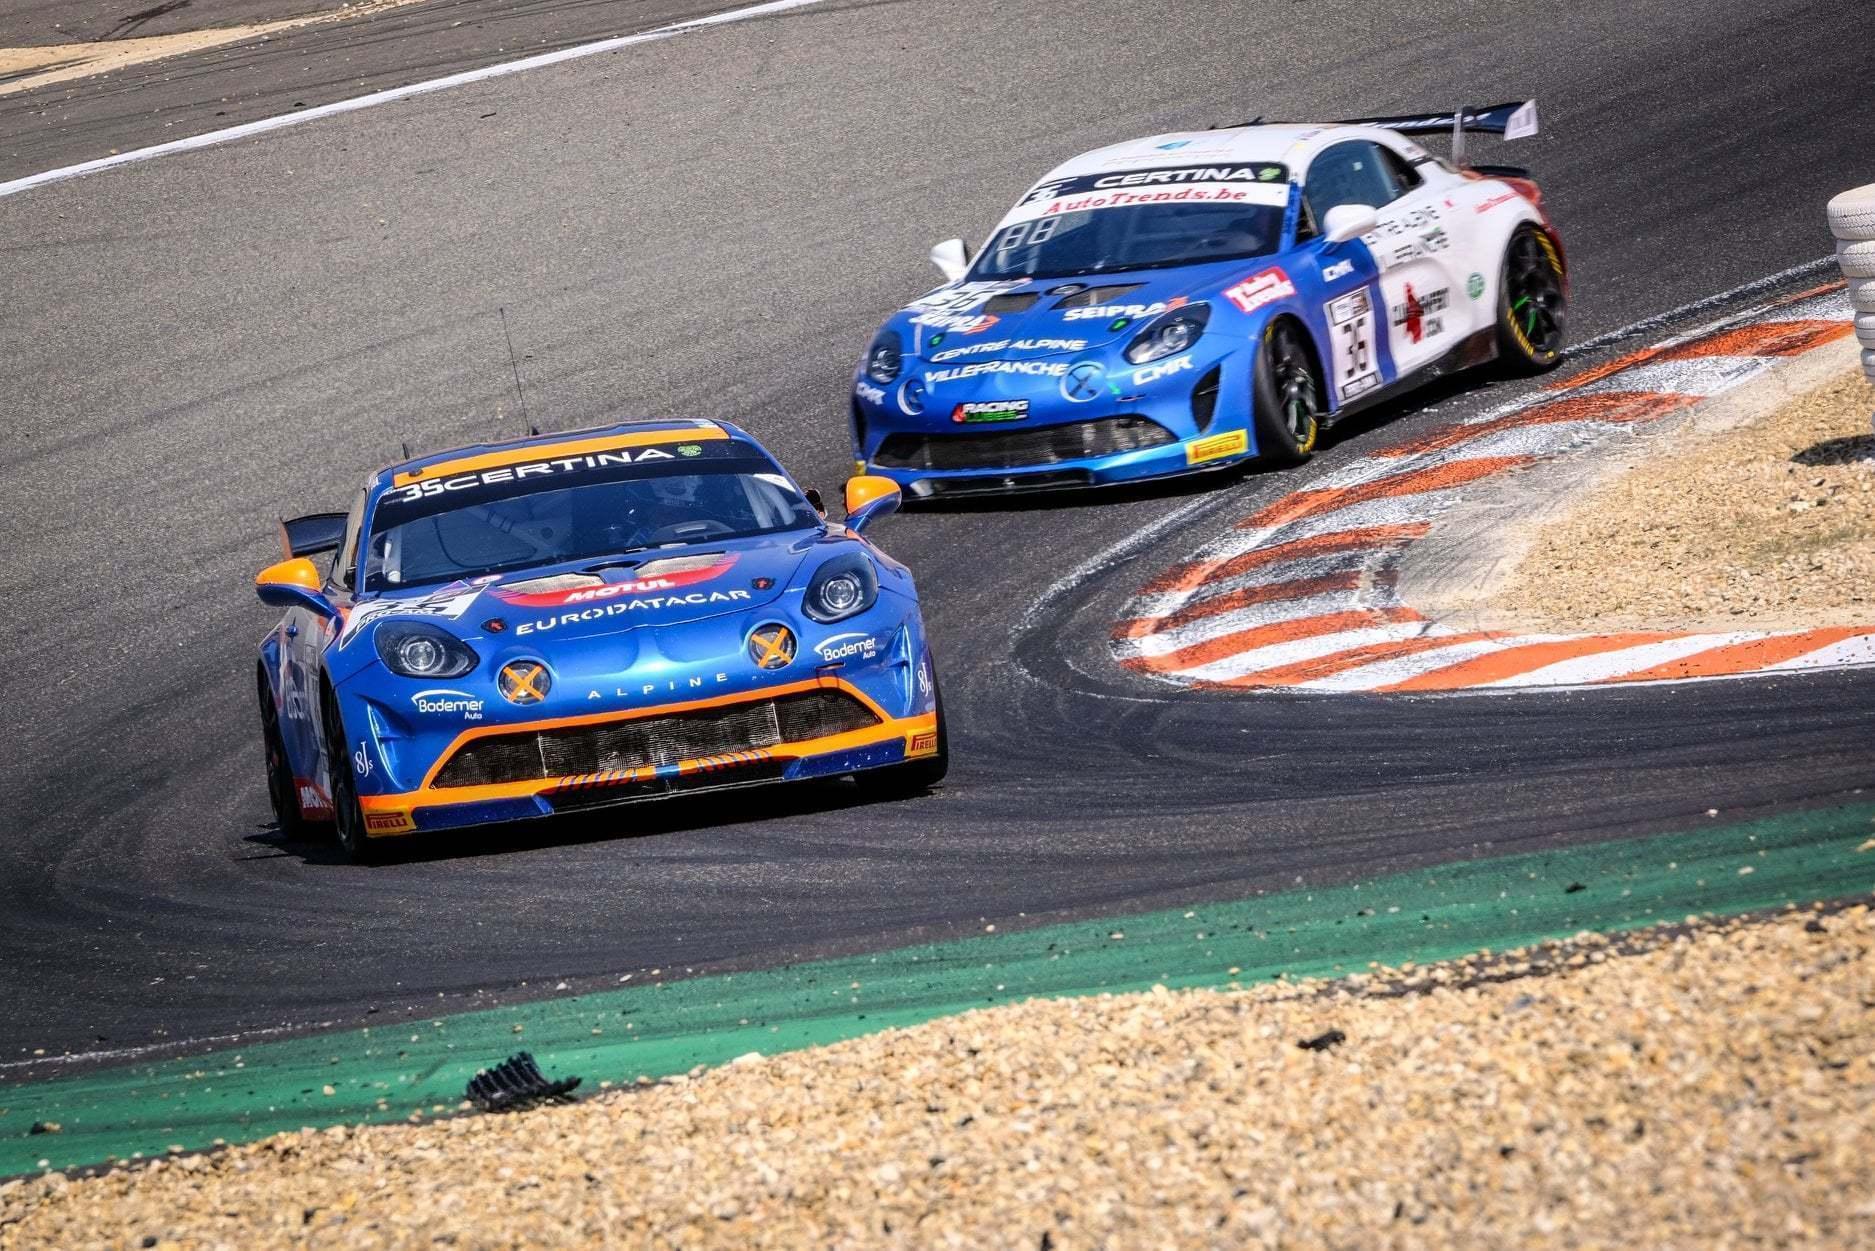 FFSA GT4 Circuit Lédenon Course 1 2019 Bodemer CMR Alpine A110 9 | FFSA GT: Rédélé Compétition s'impose à Lédenon ! (Course 1)